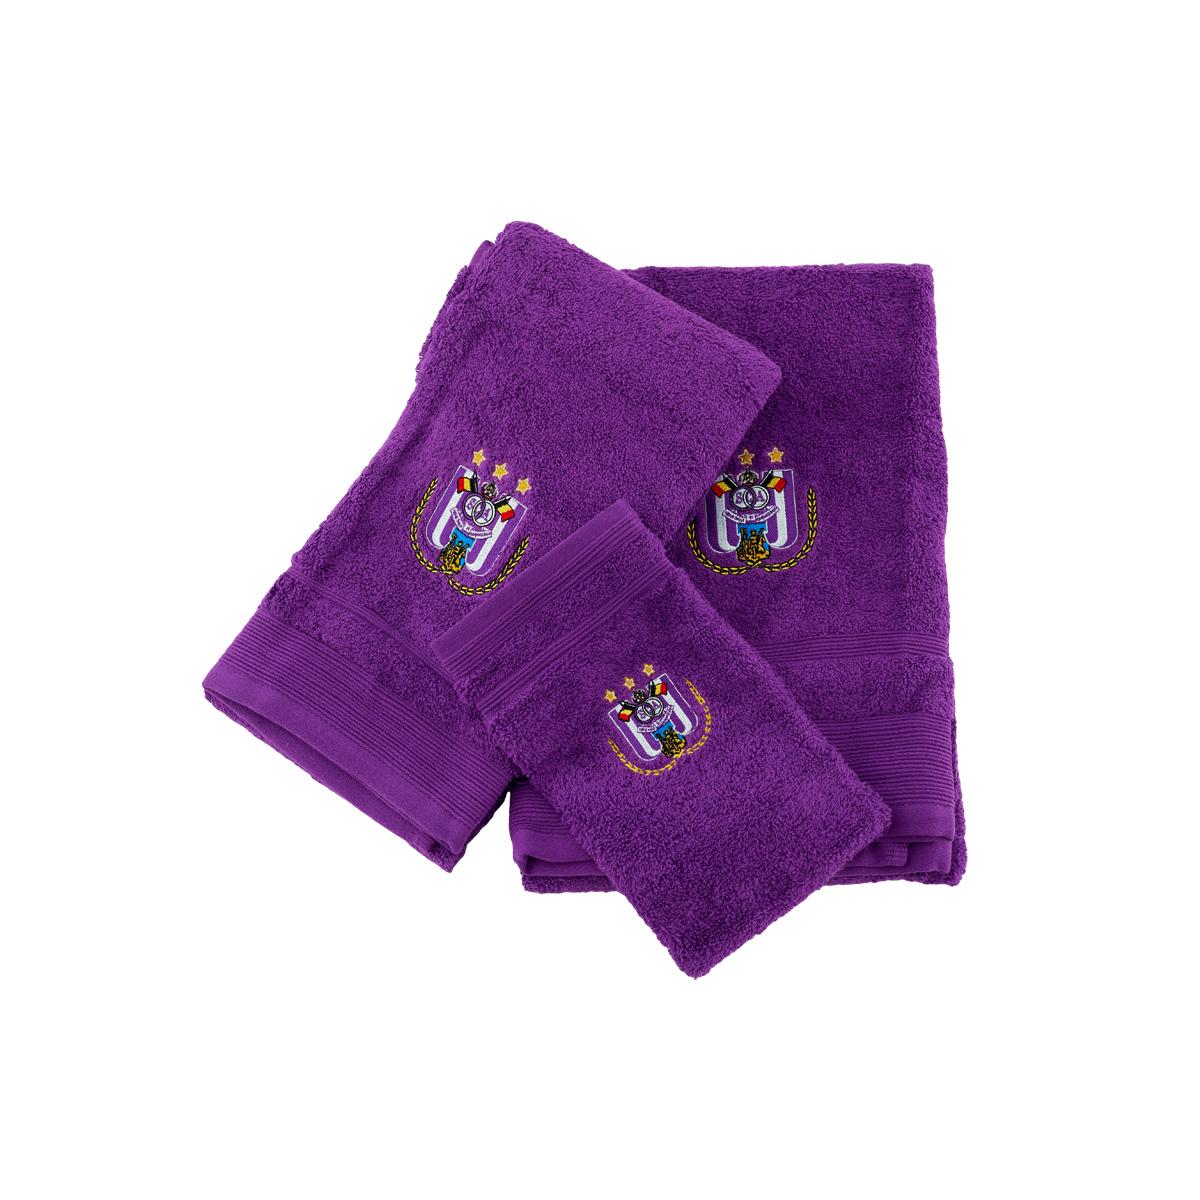 Handdoekenset - Paars